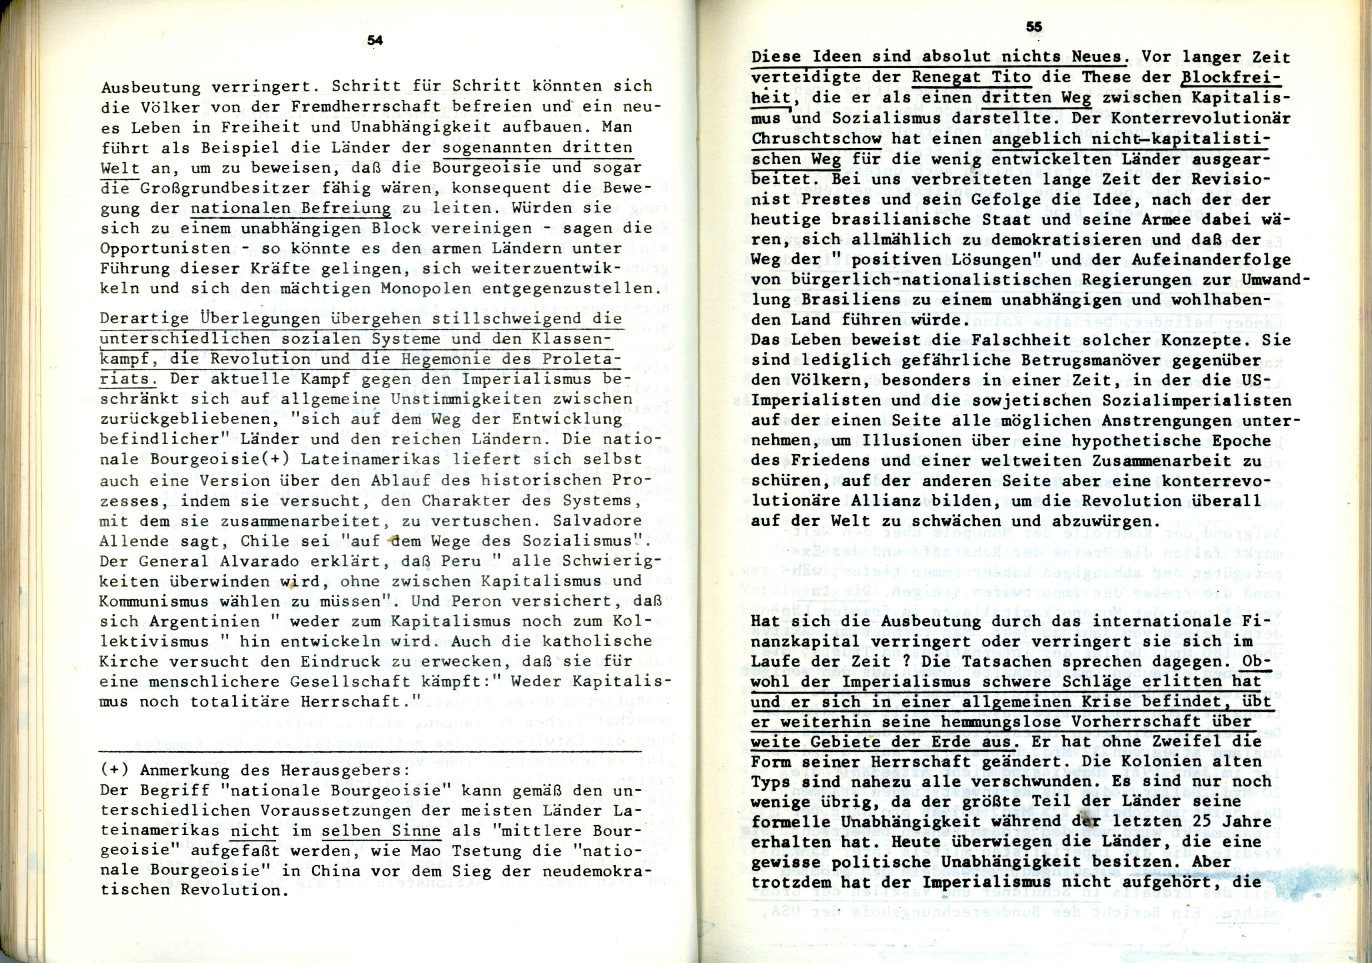 MLSK_Theorie_und_Praxis_des_ML_1978_20_36